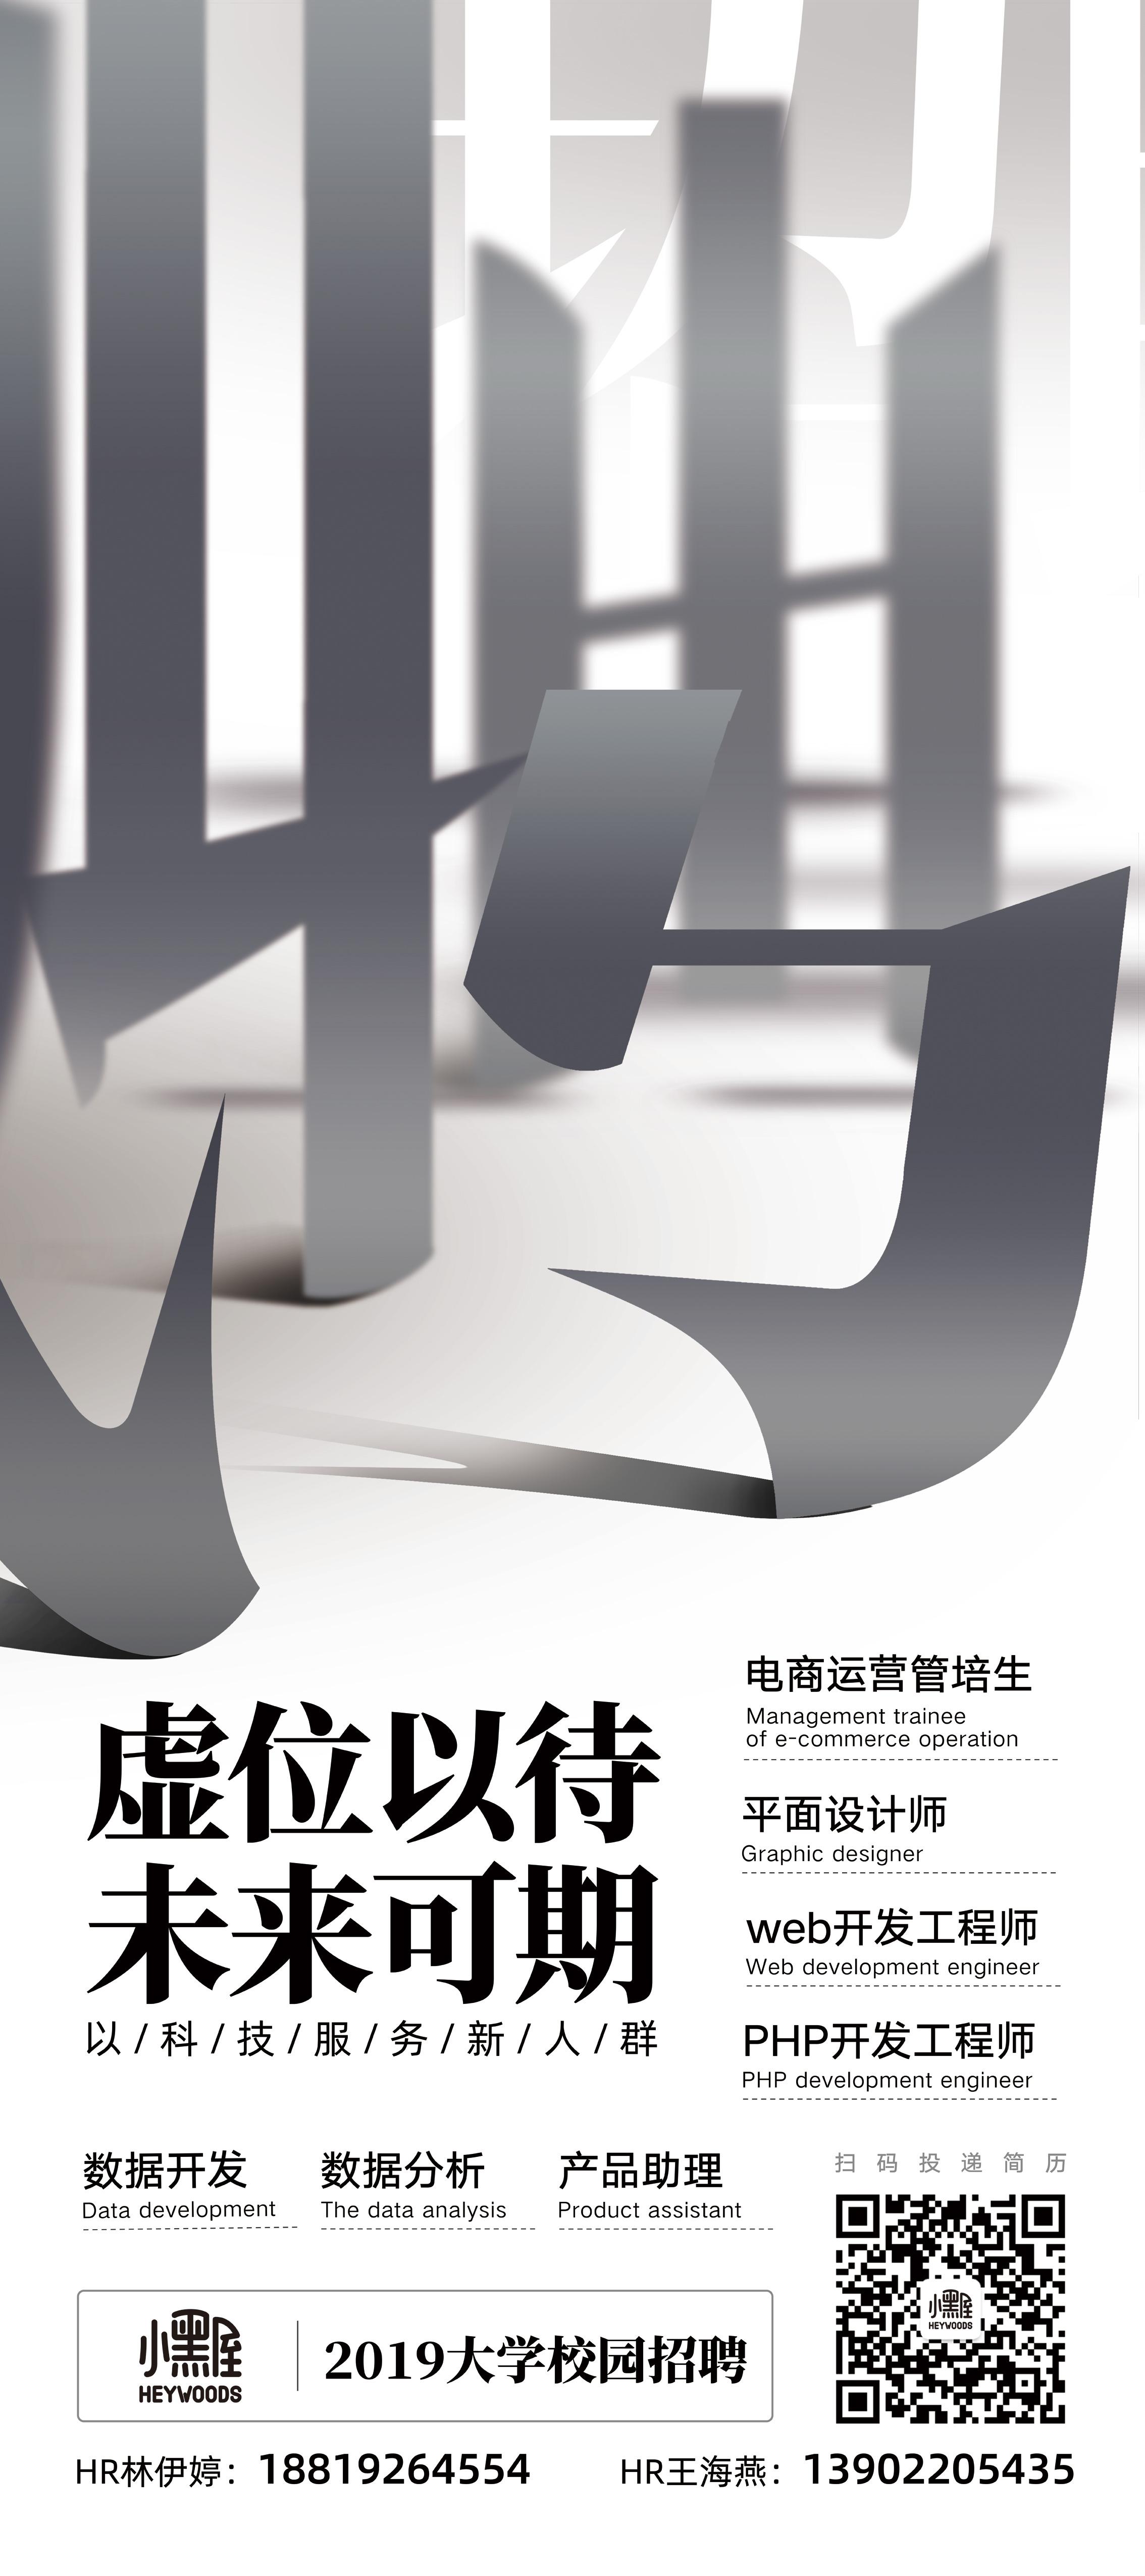 广州小黑屋科技有限公司宣讲会